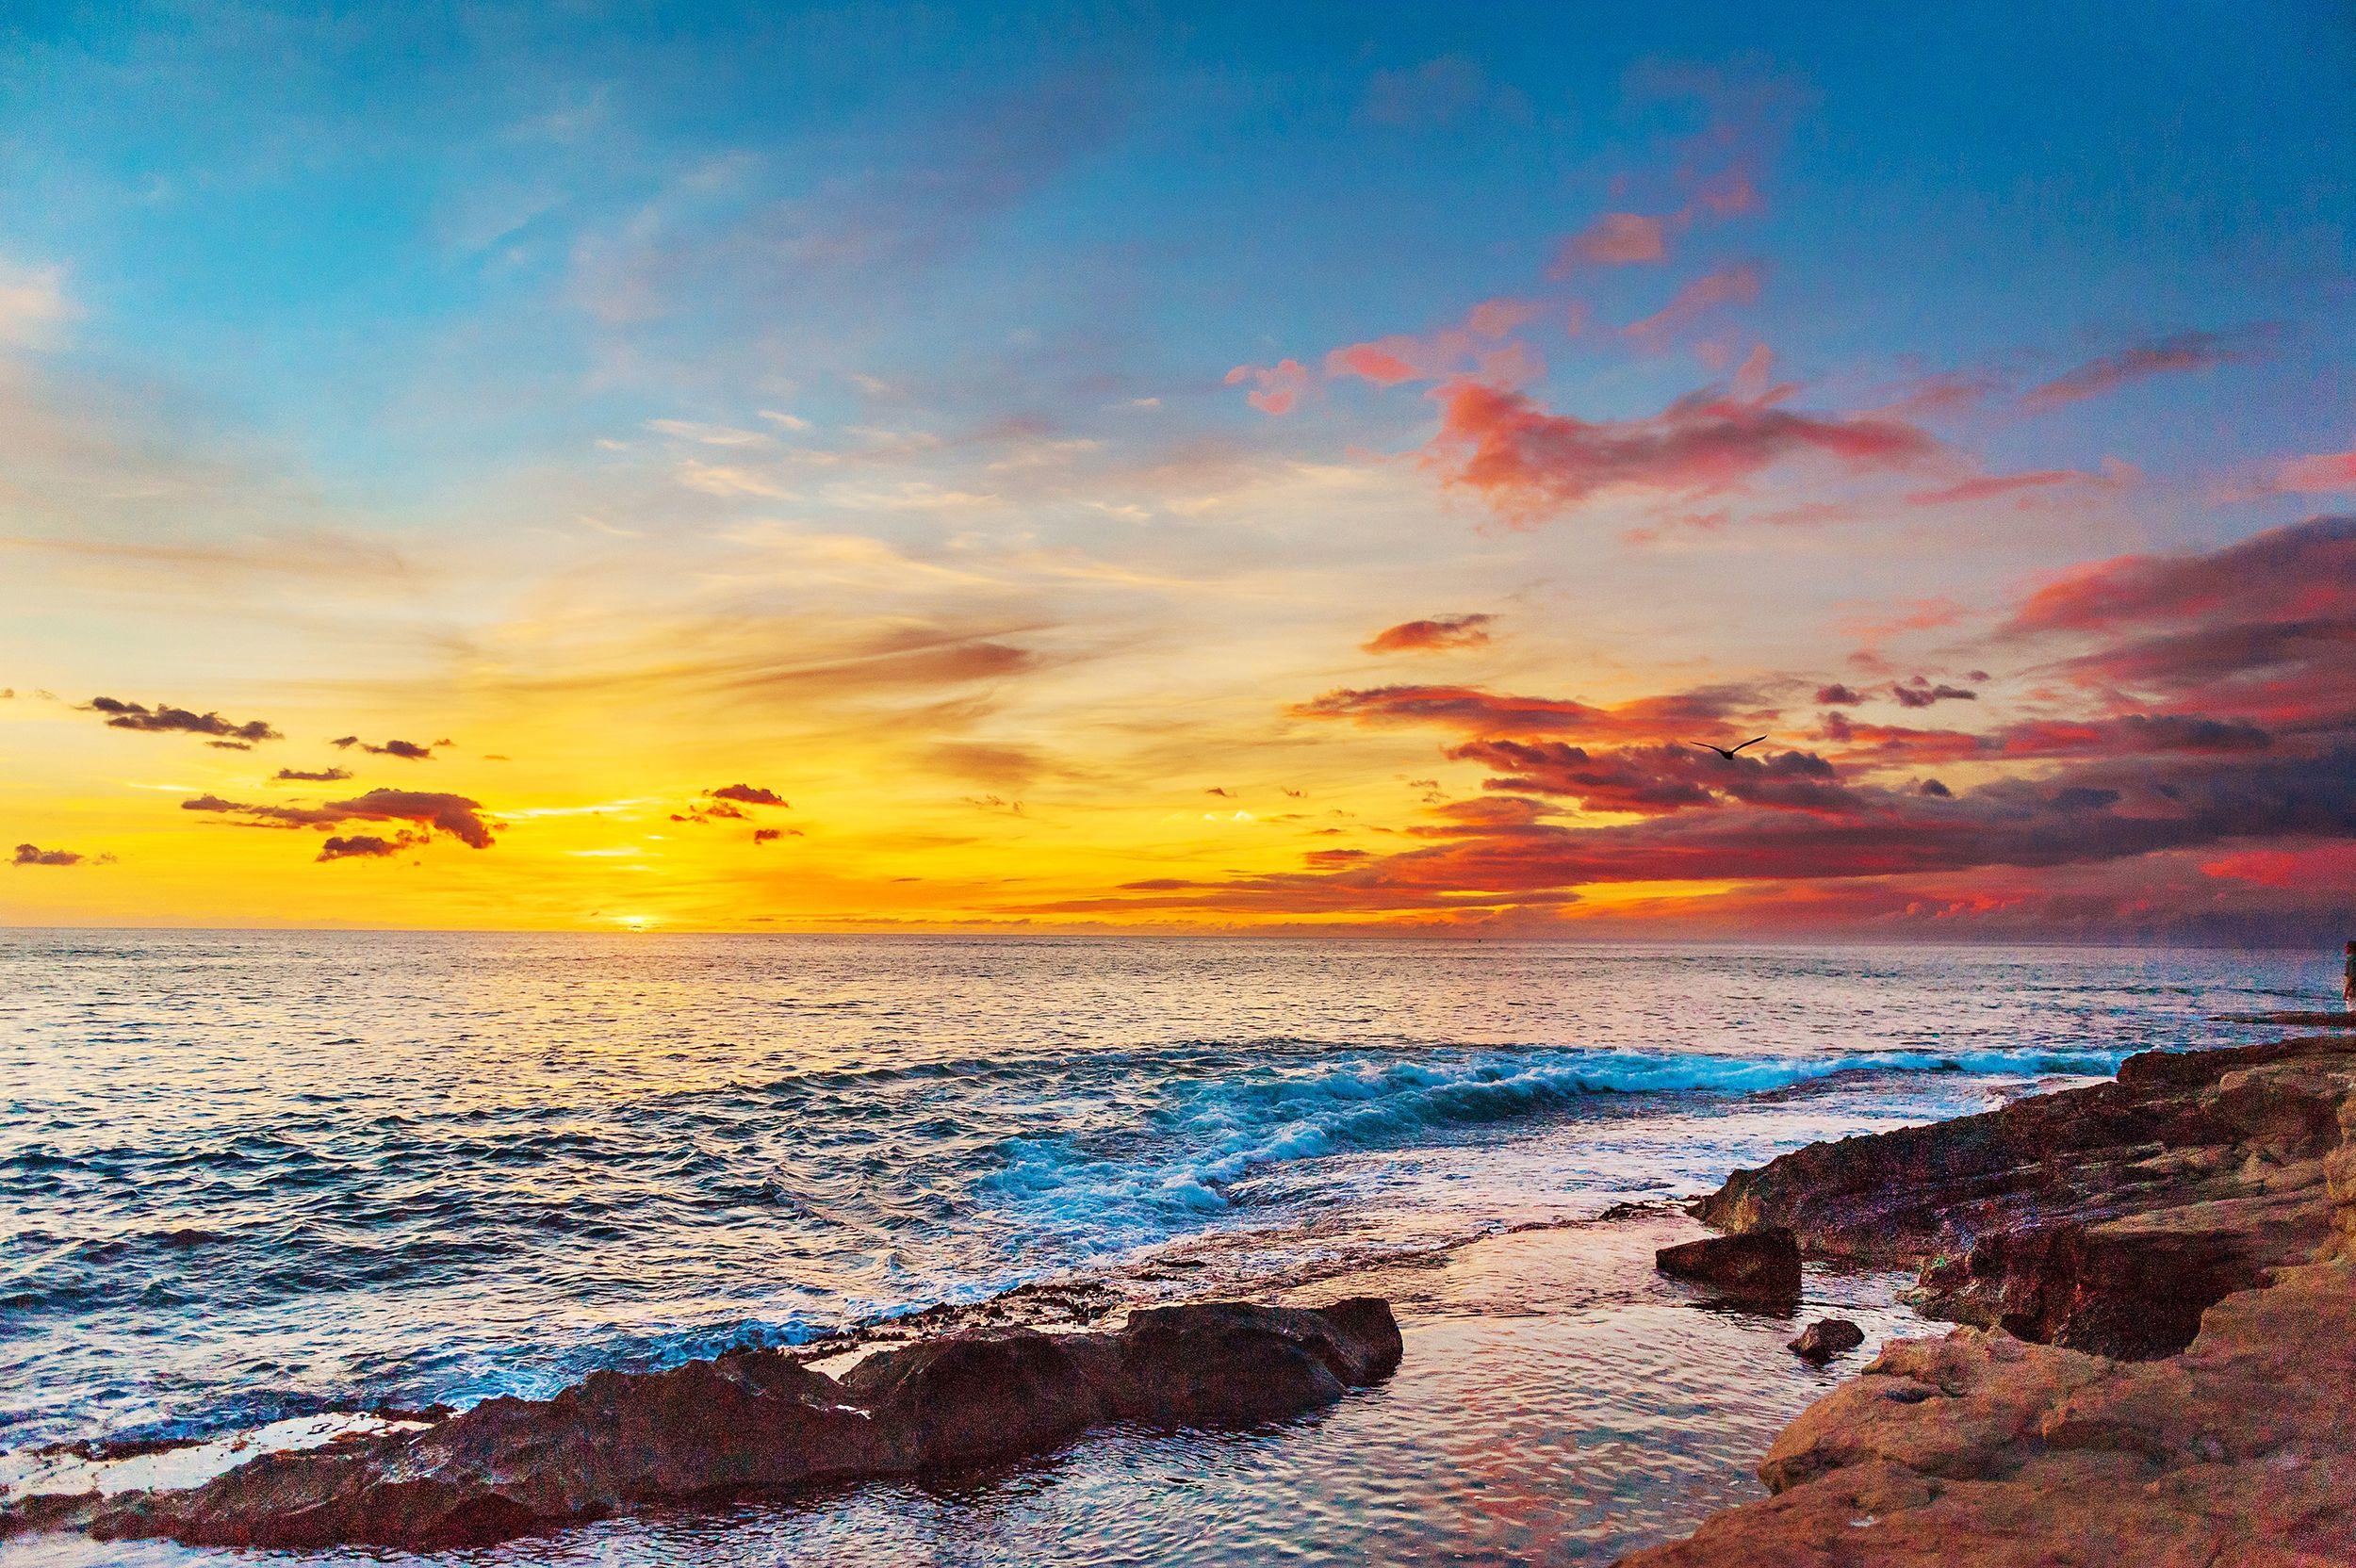 Sunset Print Art Ocean Photography Digital Download Ocean Photography Landscape Photography Hawaii Wall Art